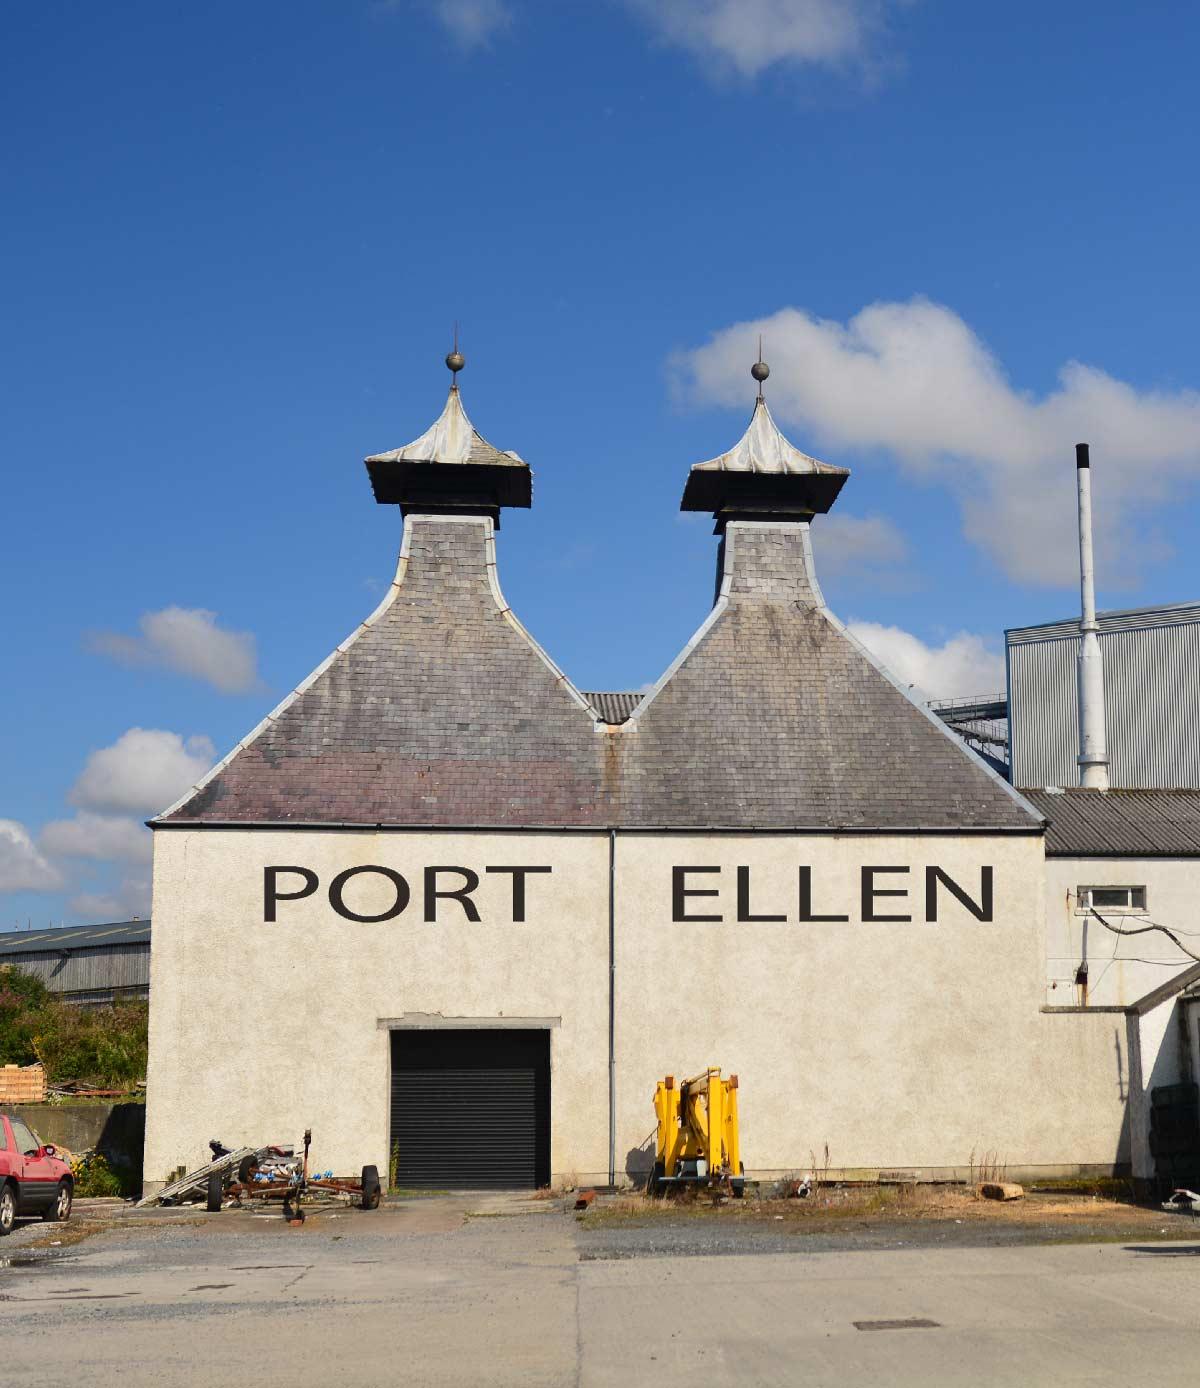 Die alten Kilns auf dem Gelände von Port Ellen. Die typischen Pagodendächer sind weit sichtbar. Hier wurde das Getreide getrocknet.